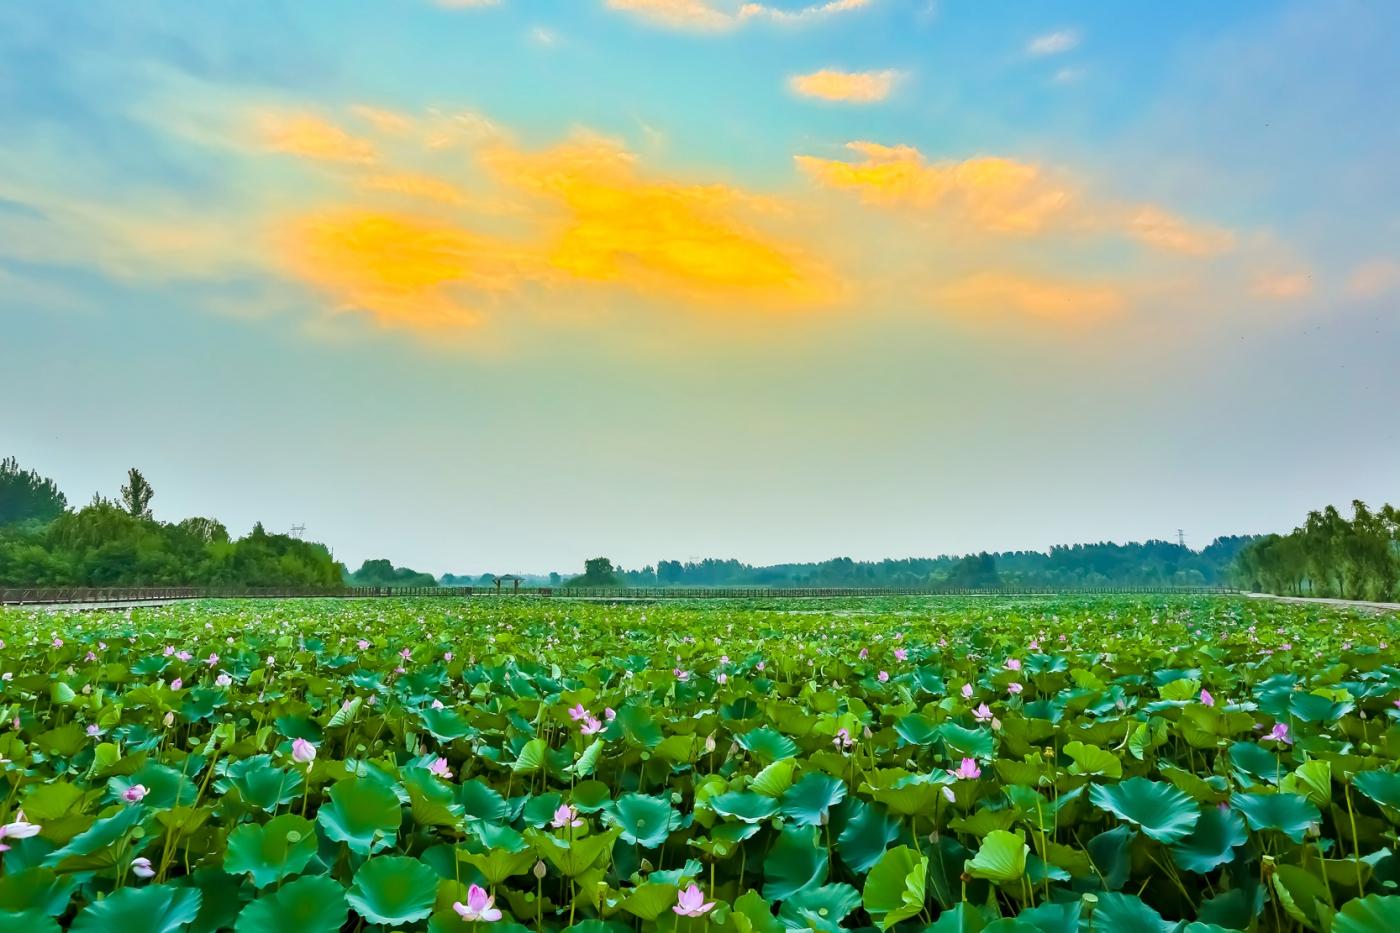 早晨的祥云印照下的临沂黄山武河湿地红荷园_图1-2